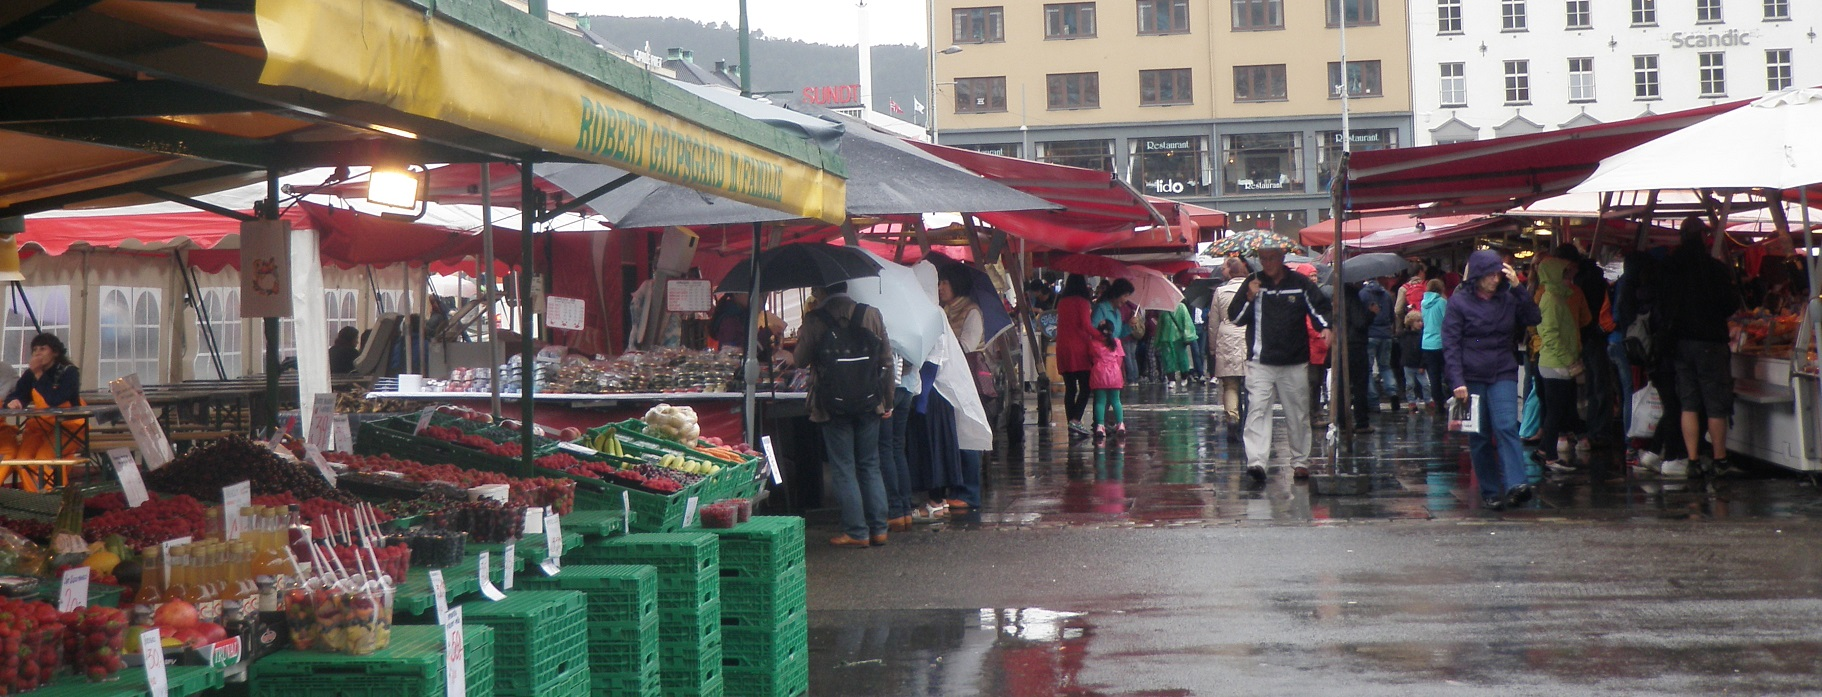 Taste Testing Bergen S Outdoor Fish Market Michelle S